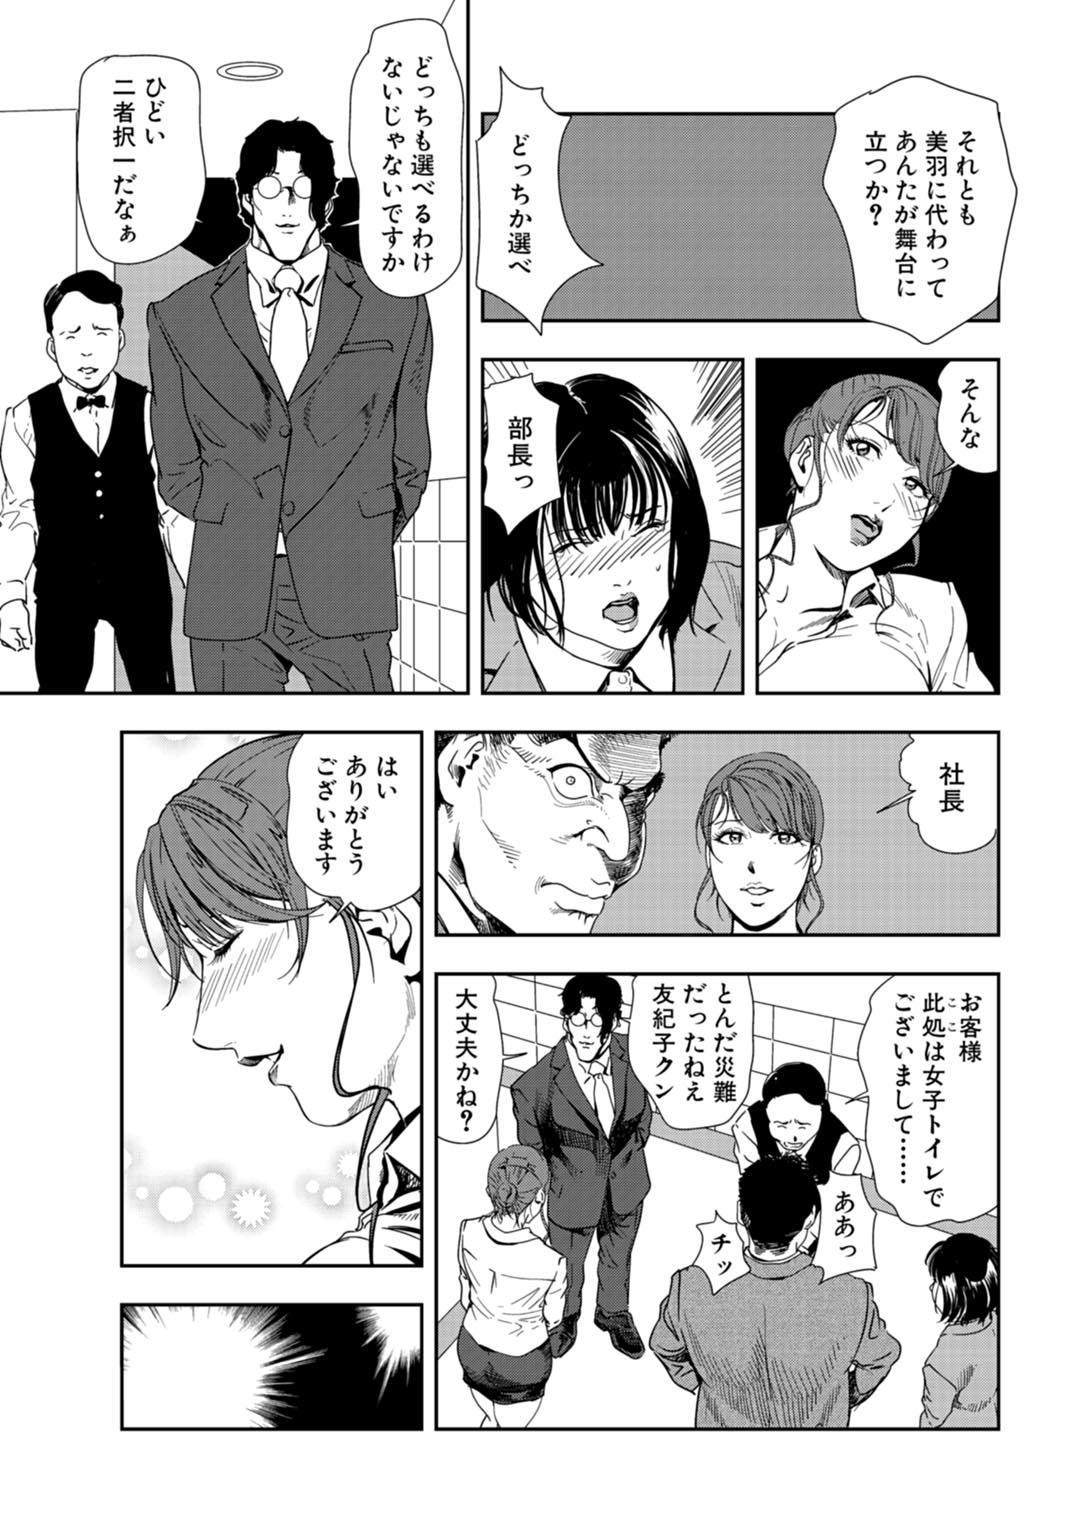 Nikuhisyo Yukiko 25 59